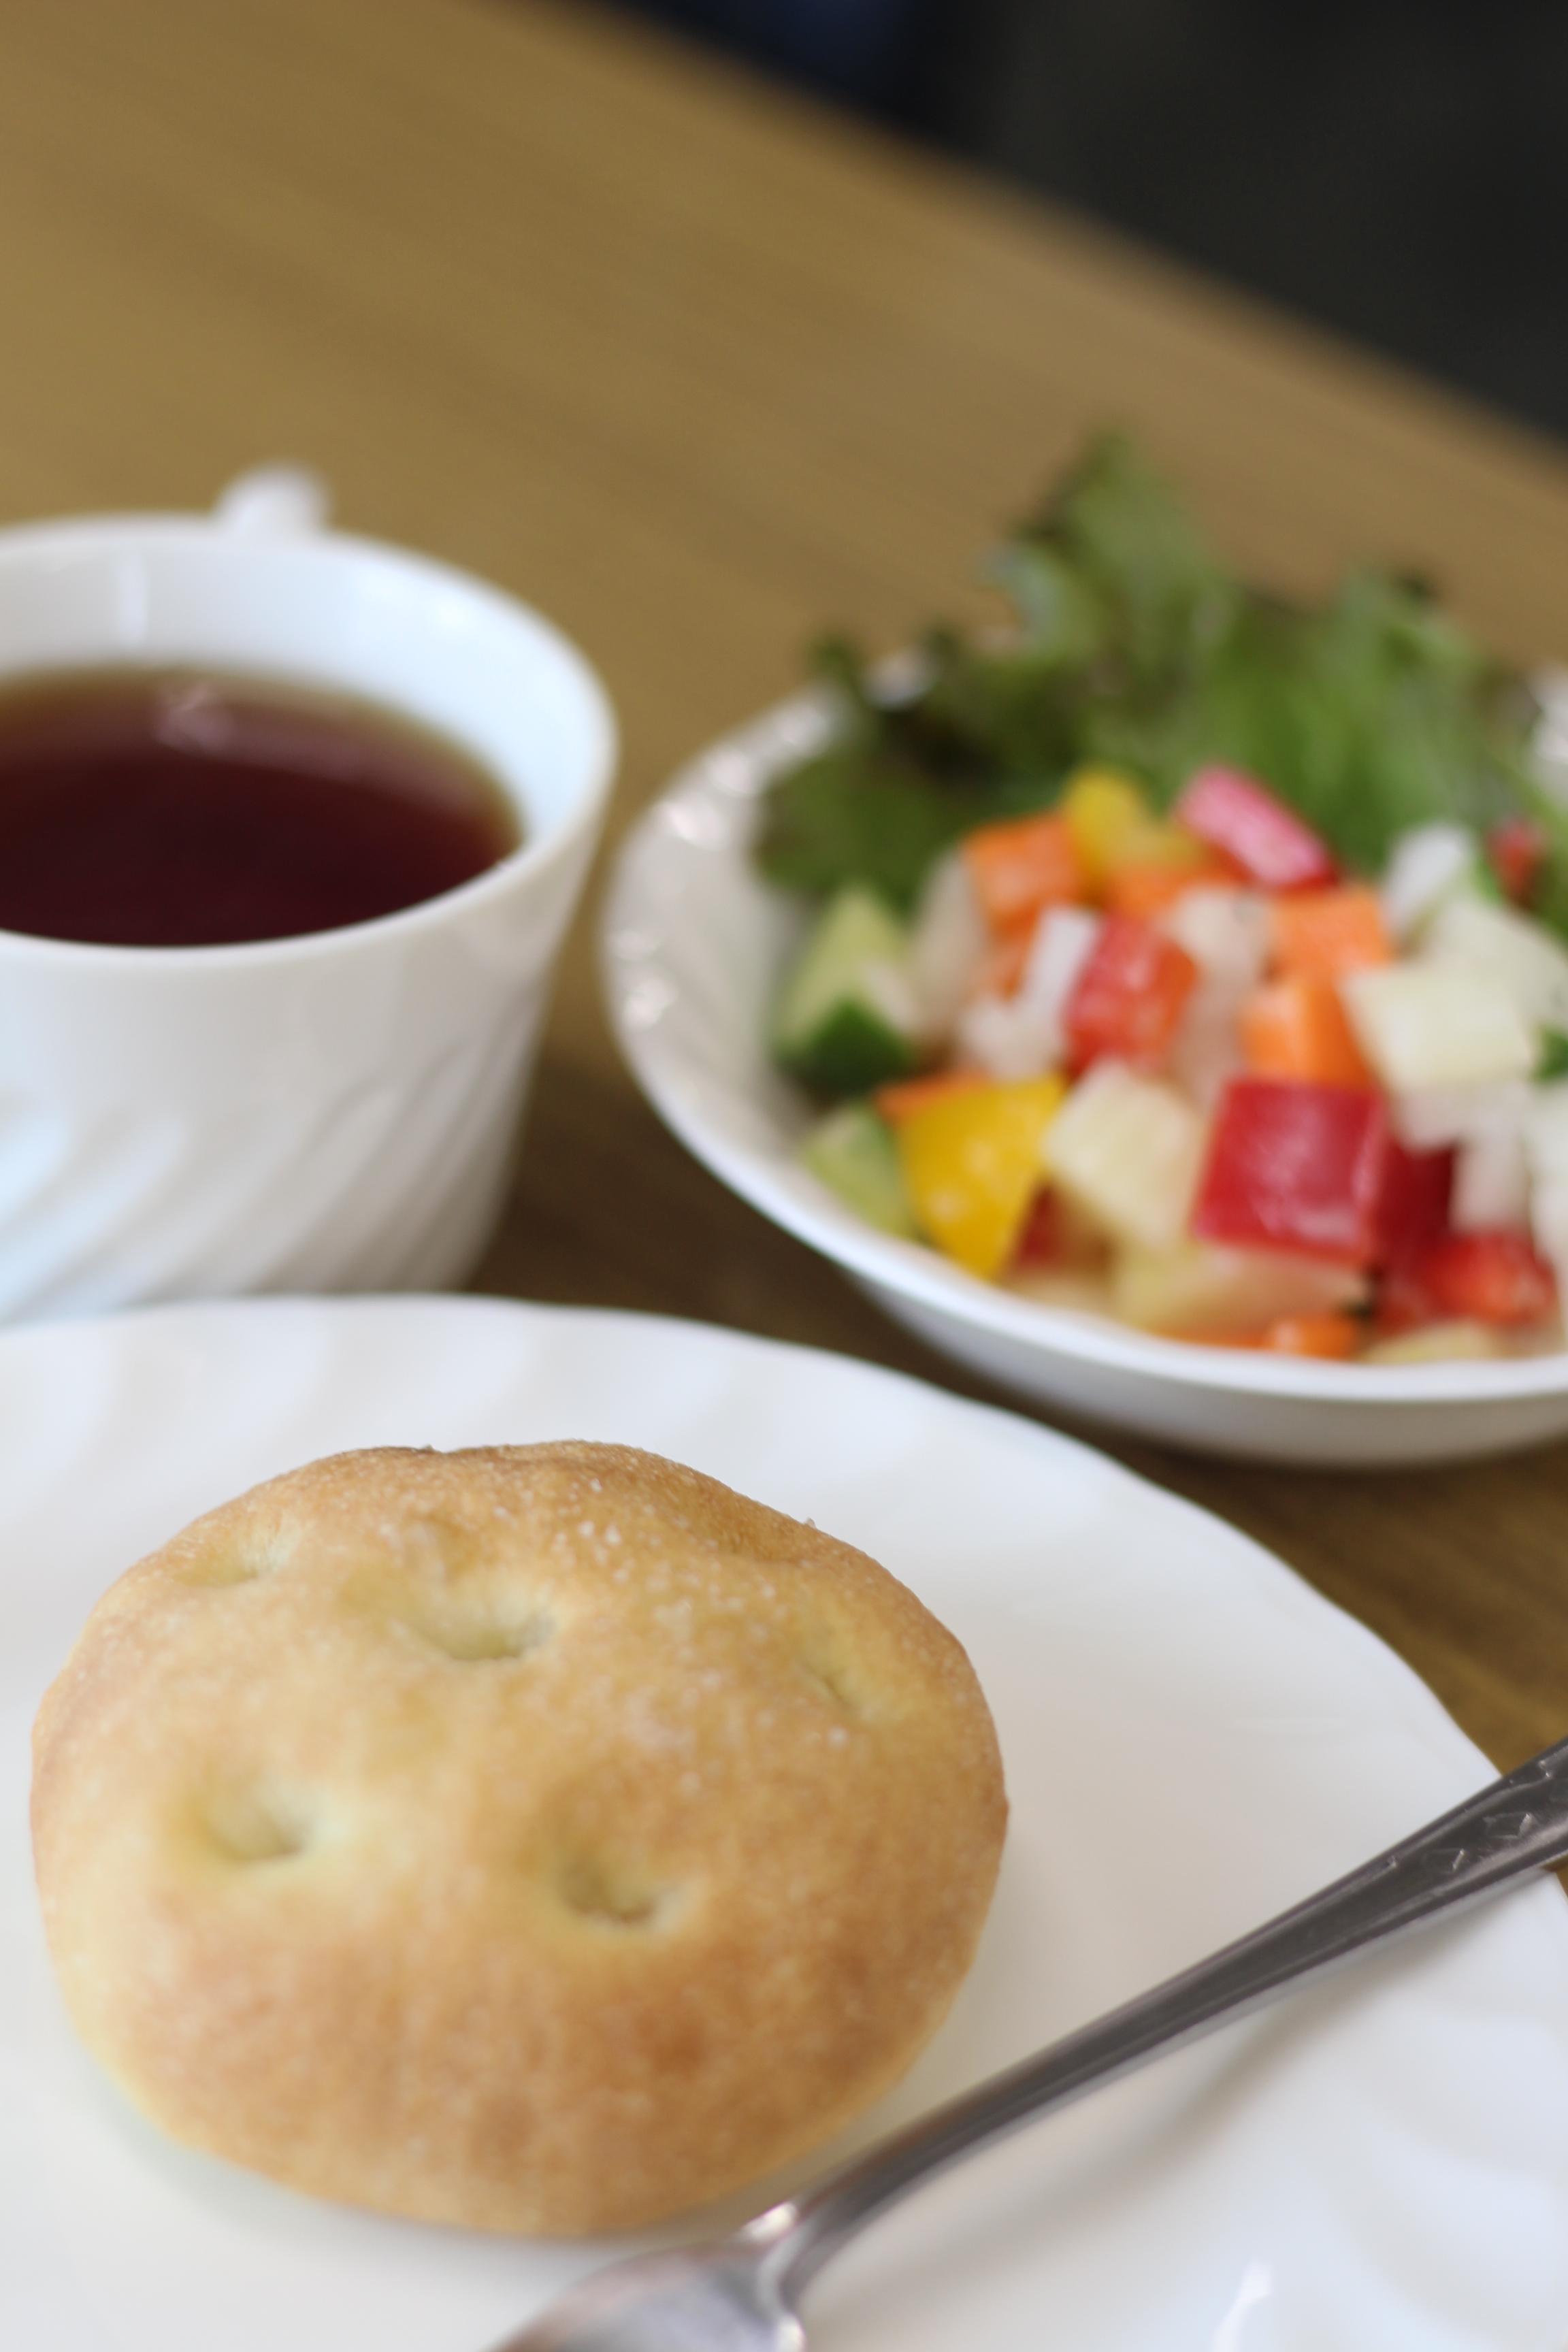 阿倍野区西田辺a-ta-sante糖質制限パン料理教室。会館でのレッスン『もちもちフォカッチャ』